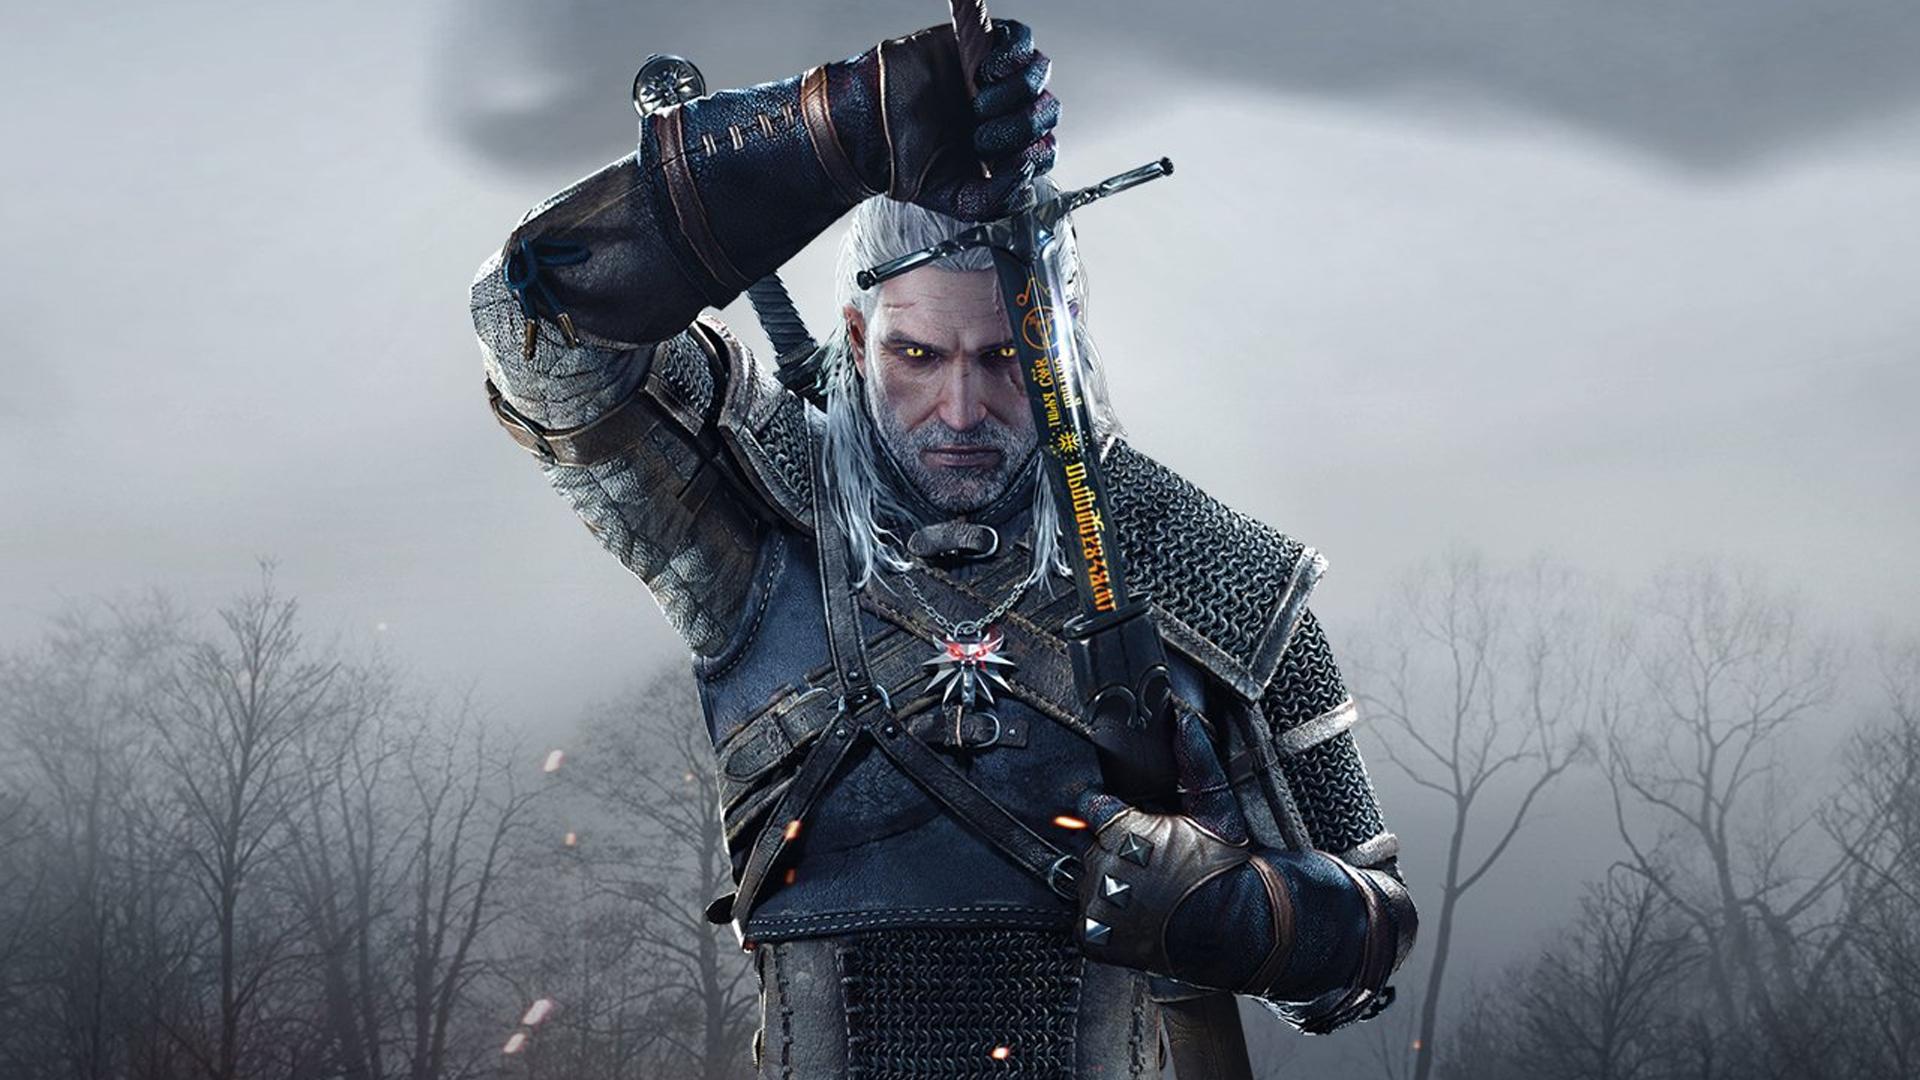 《巫师3》《赛博朋克2077》任务总监加入拳头 开发《英雄联盟》MMO游戏